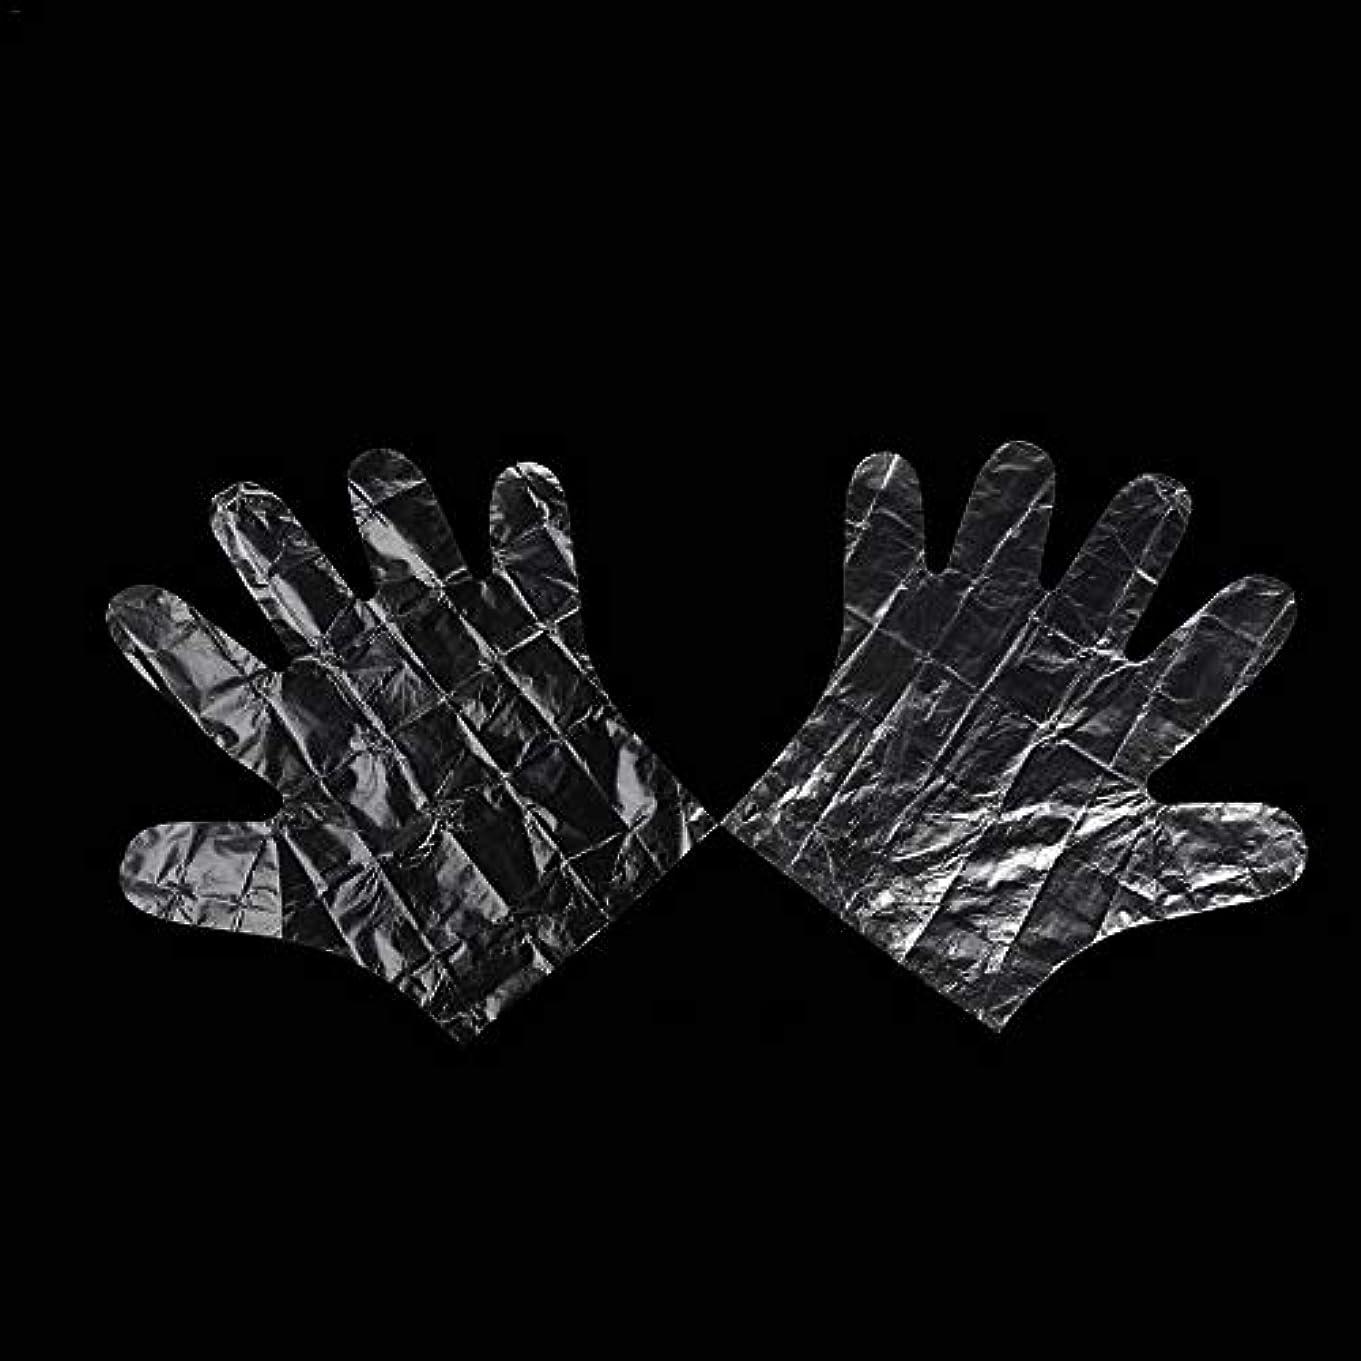 会社チェス司教hopefull 使い捨て手袋 子供用 極薄ビニール手袋 ポリエチレン 透明 実用 衛生 100枚/200m枚セット 左右兼用 gifts